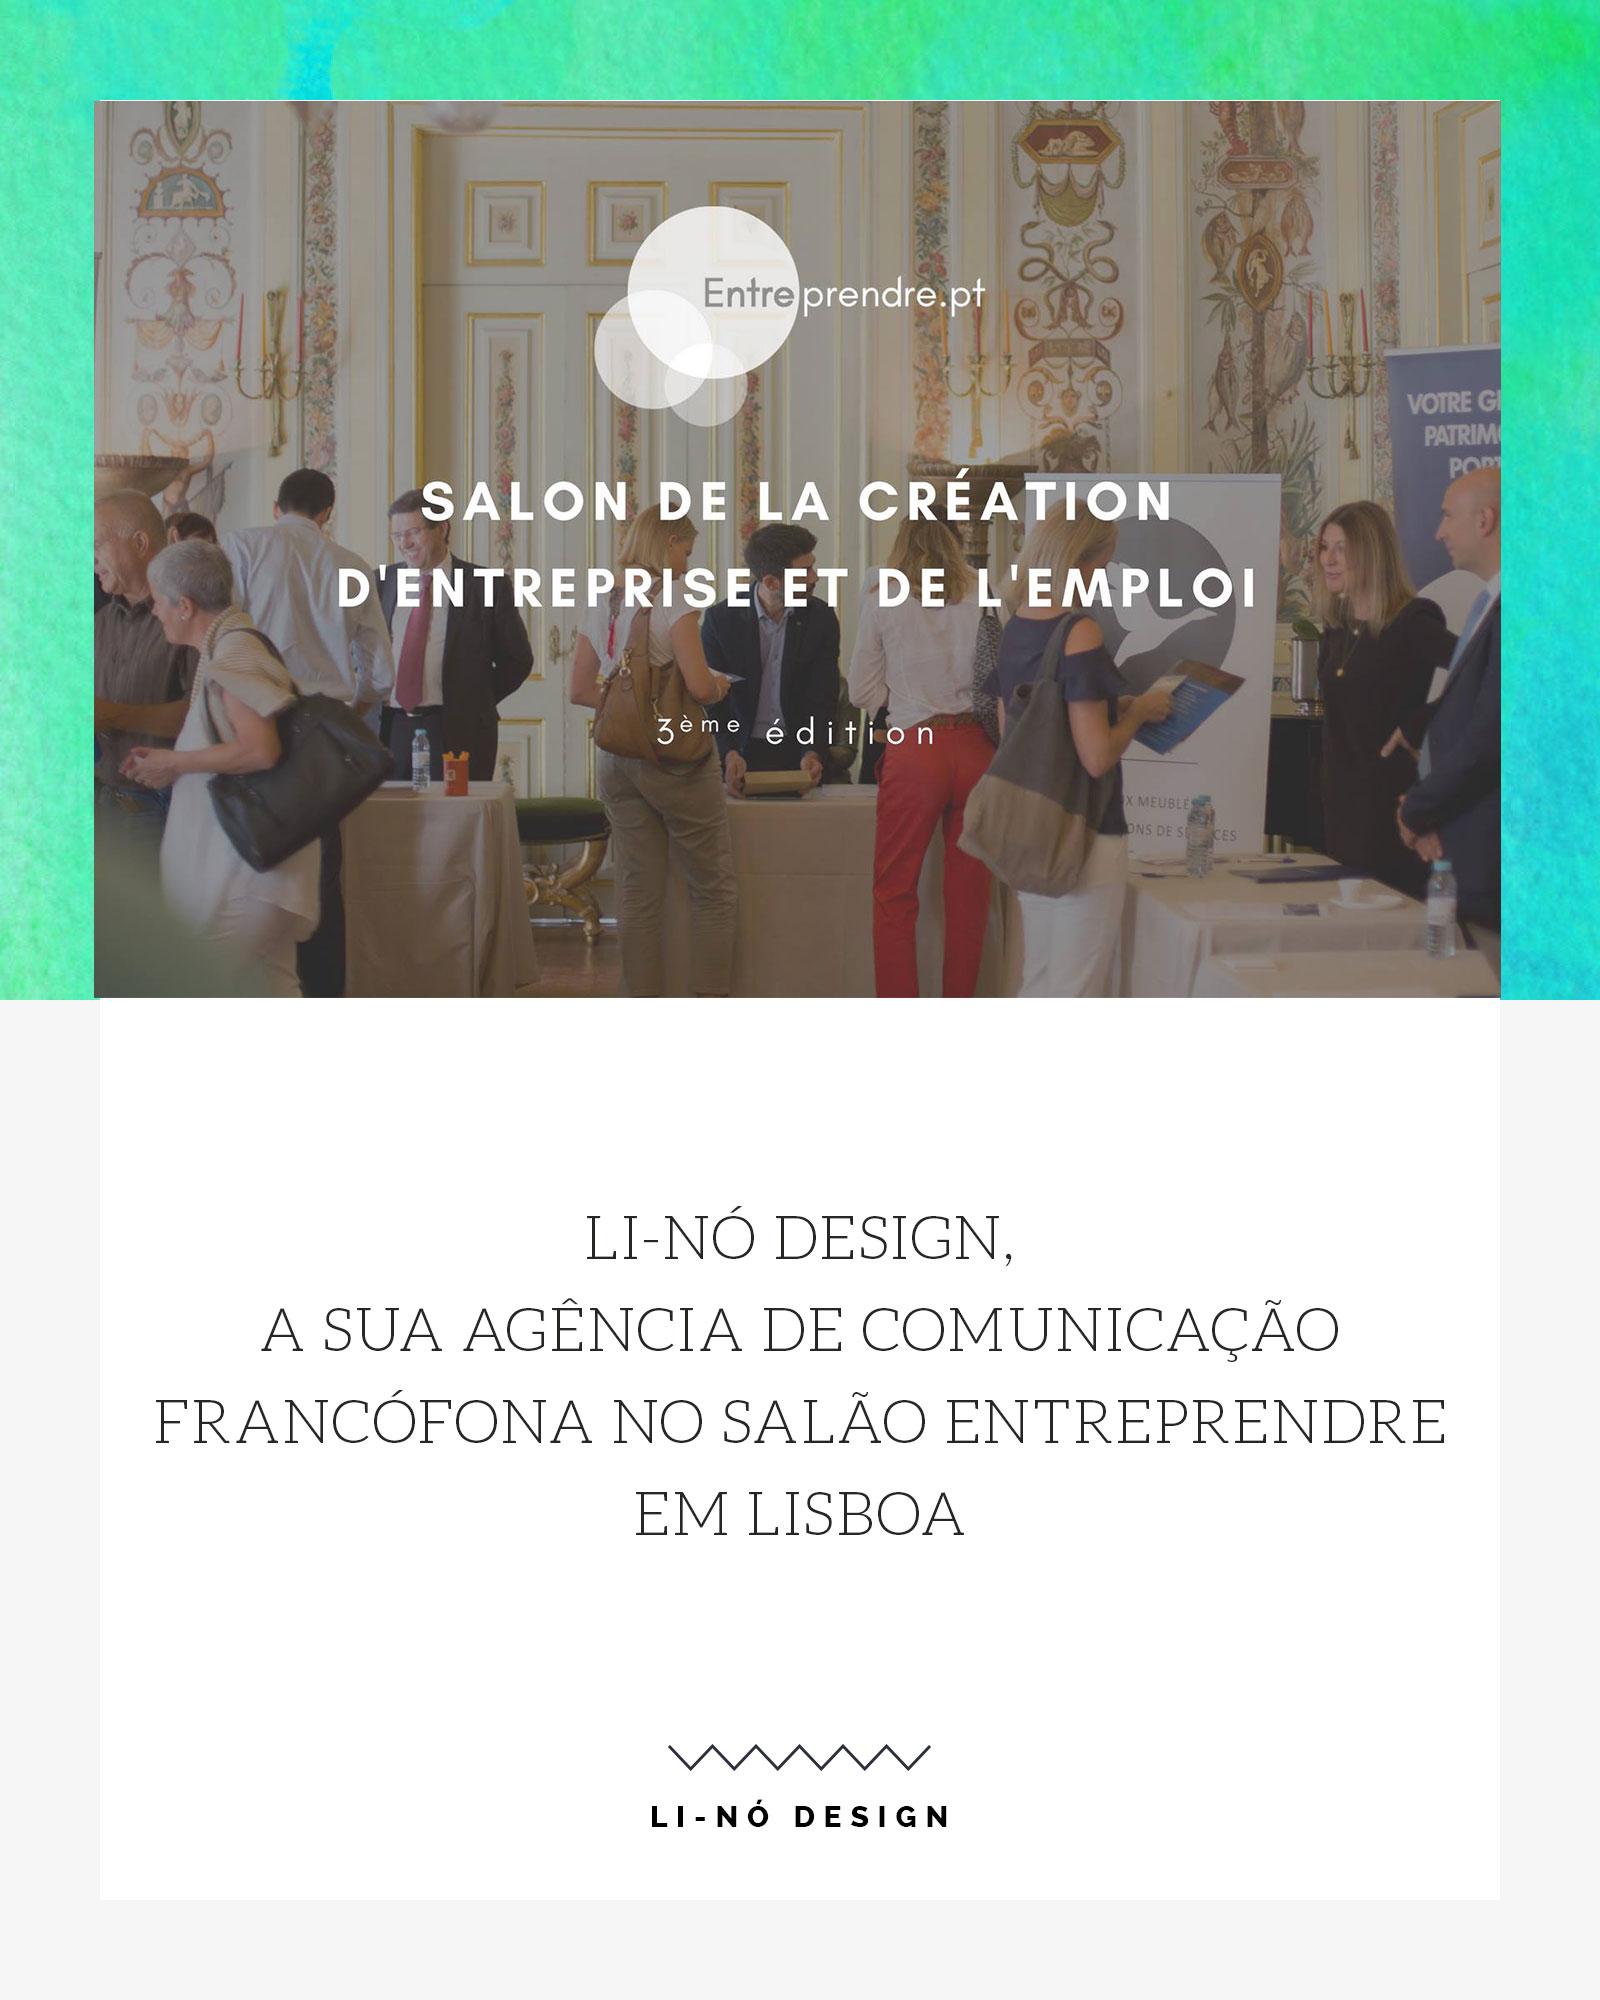 Li-Nó Design, a sua Agência de Comunicação Francófona no Salão Entreprendre em Lisboa